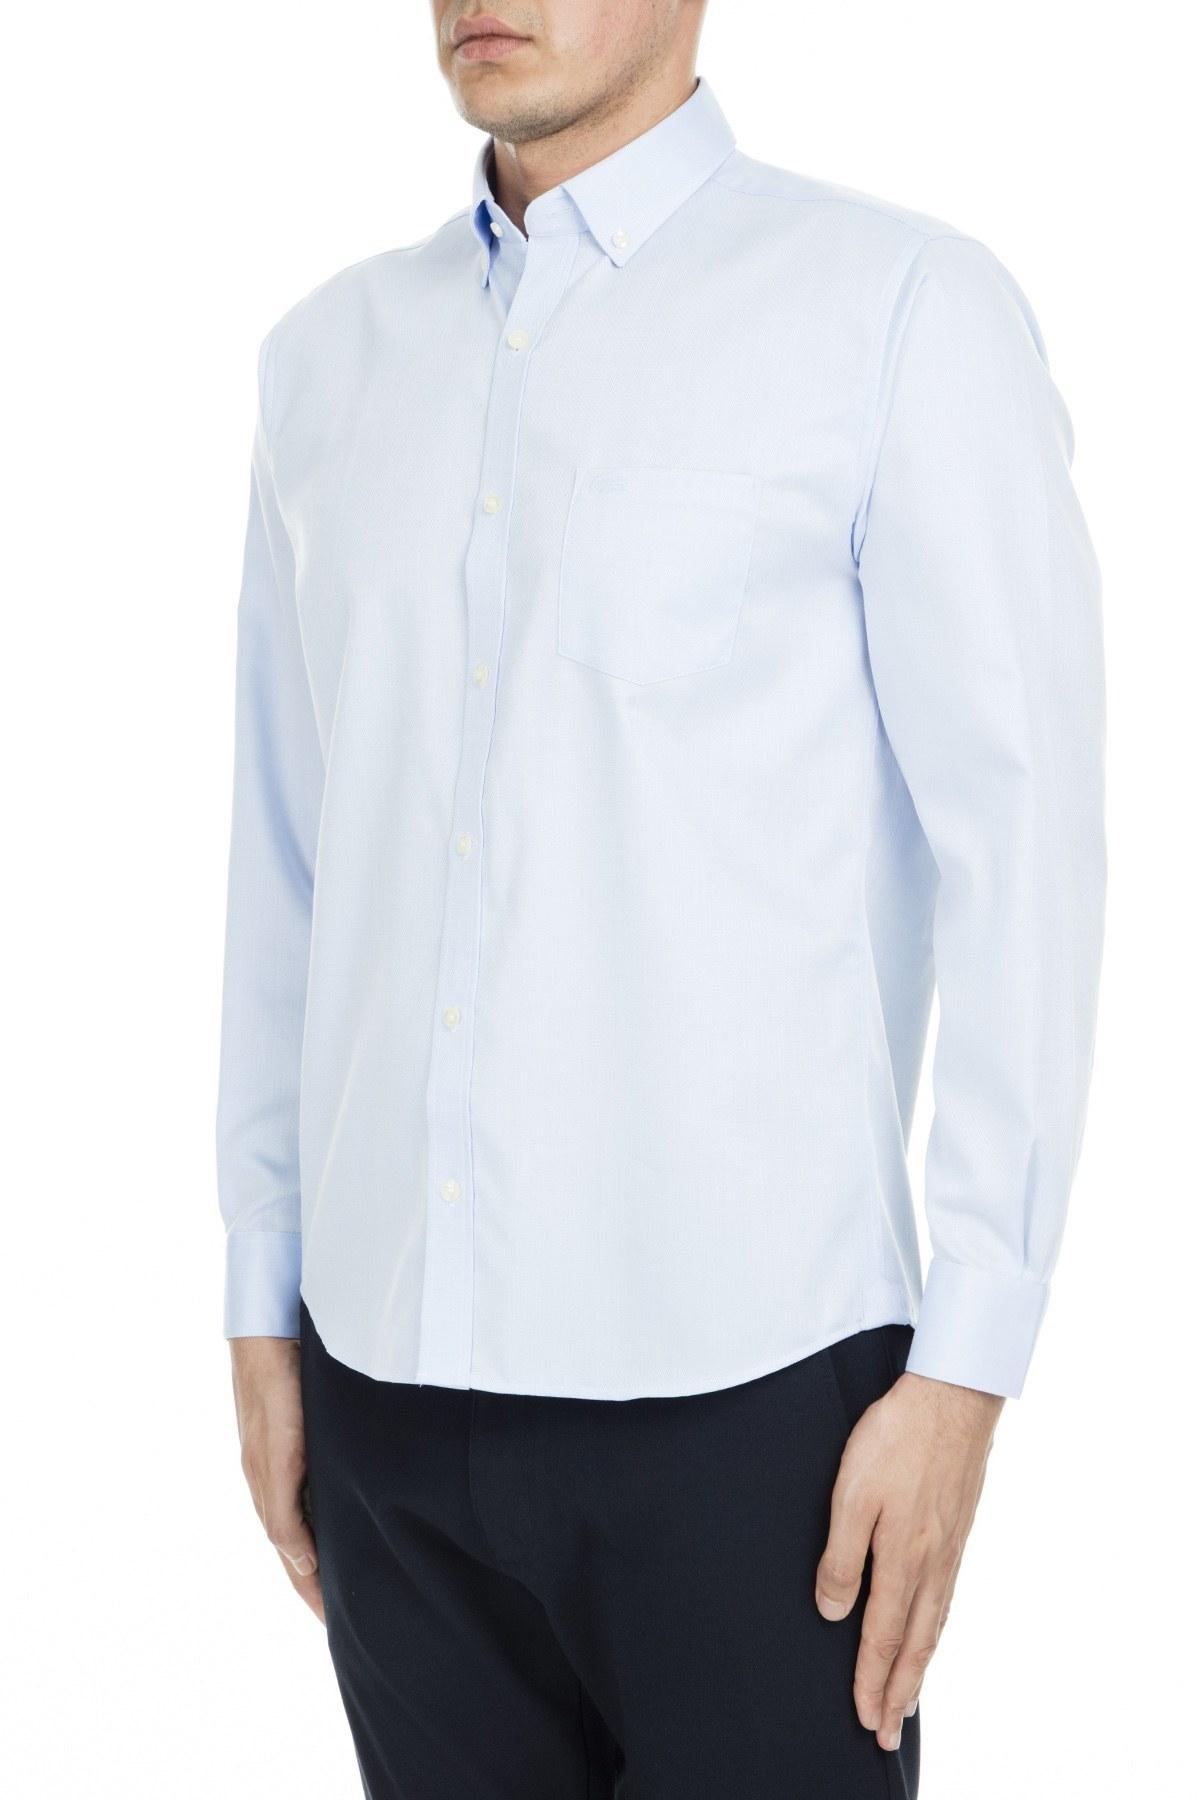 Lacoste Erkek Gömlek CH9623 S14 AÇIK MAVİ